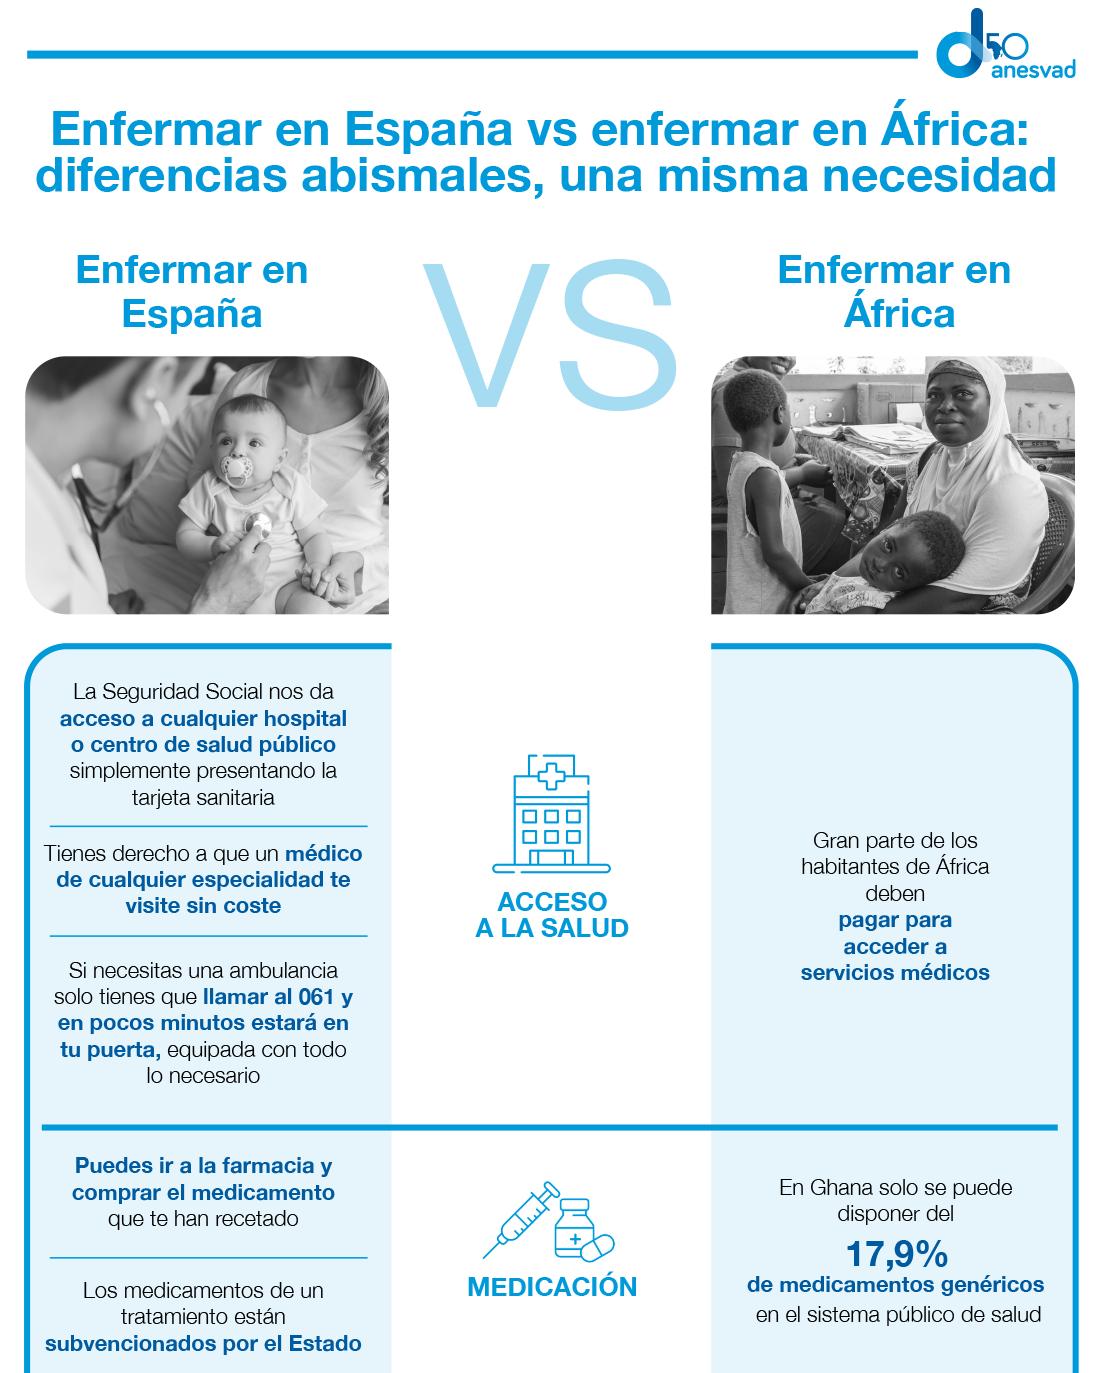 Anesvad - Infografía enfermar en España vs en África